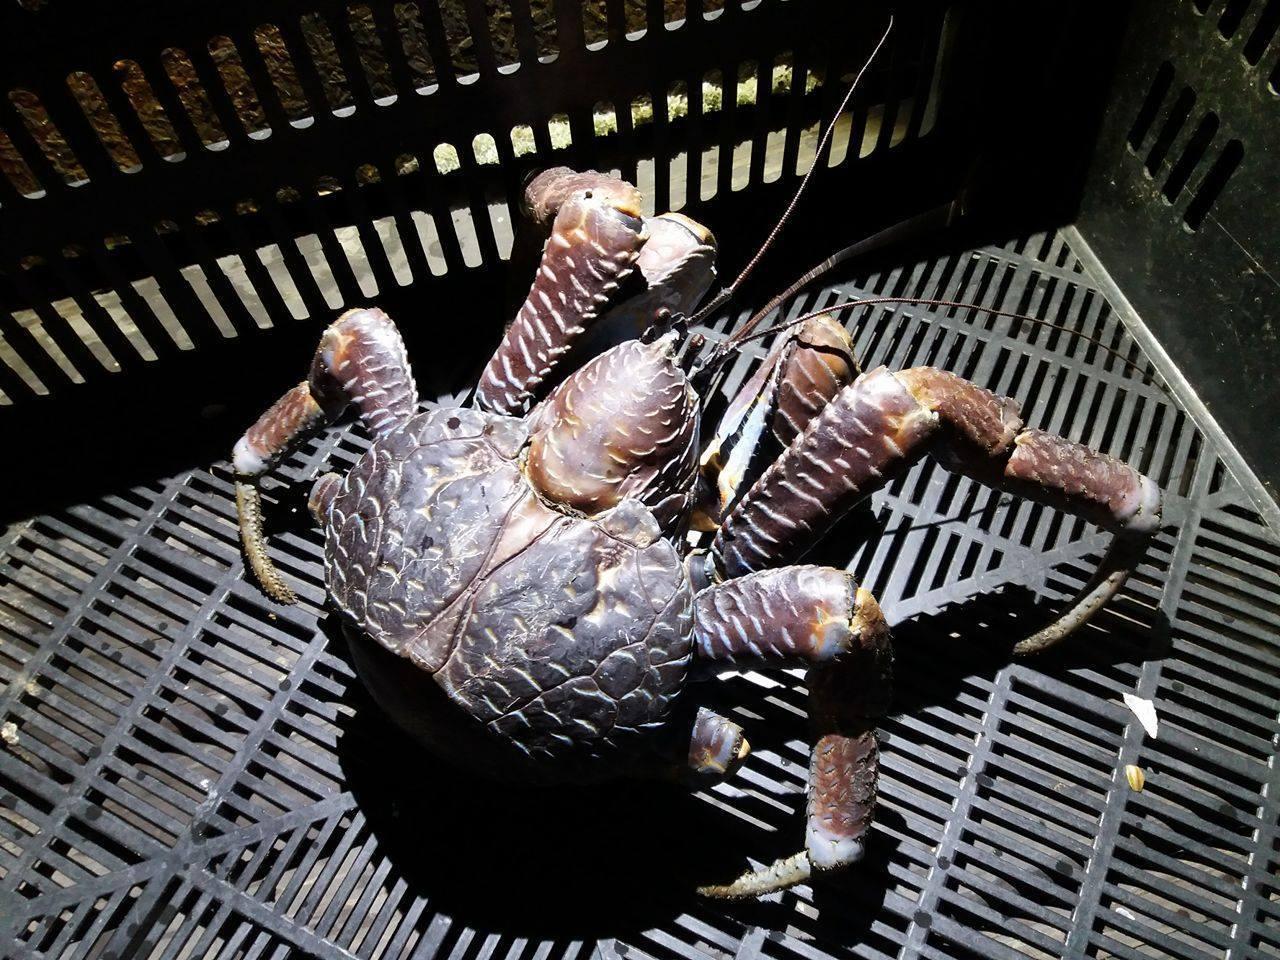 椰子蟹是現存最大型的陸生甲殼動物,最重達6公斤,由於數量稀少,被政府列為珍貴稀有...